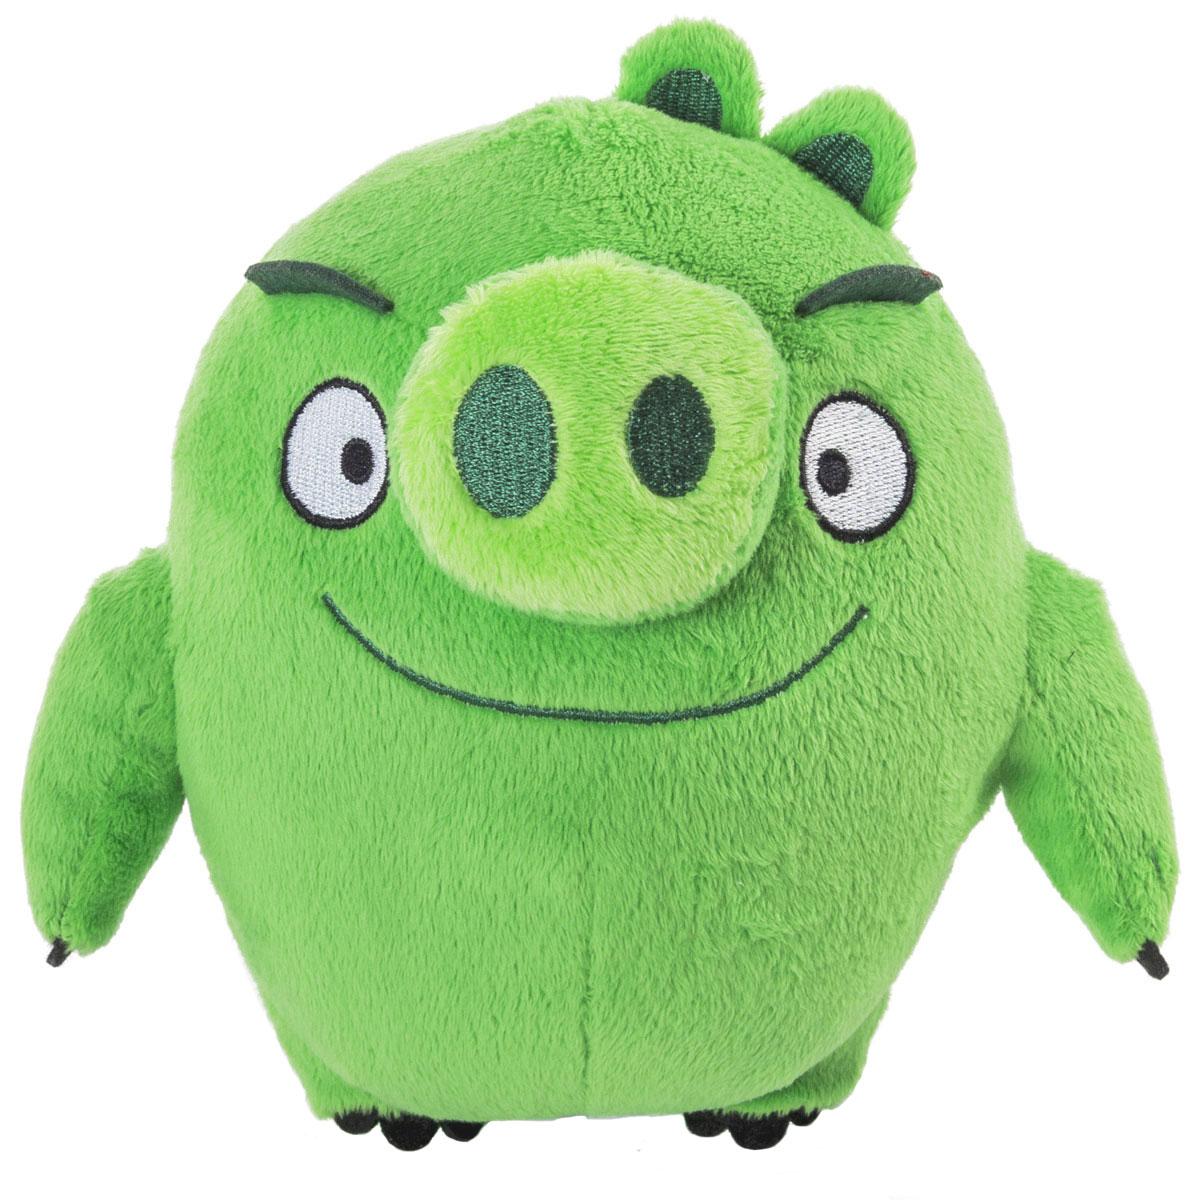 Angry Birds Мягкая игрушка Свинья 20 см90512_зелёныйAngry Birds - одна из самых популярных игр на мобильных устройствах. Яркие и запоминающиеся персонажи этой аркады уже давно полюбились многочисленным фанатам. Невероятно приятная на ощупь игрушка выполнена в виде главного злодея и отрицательного персонажа игры - зеленой свинки. Игрушка выполнена из качественных и безопасных материалов. Свинка обязательно порадует вас и вашего малыша.